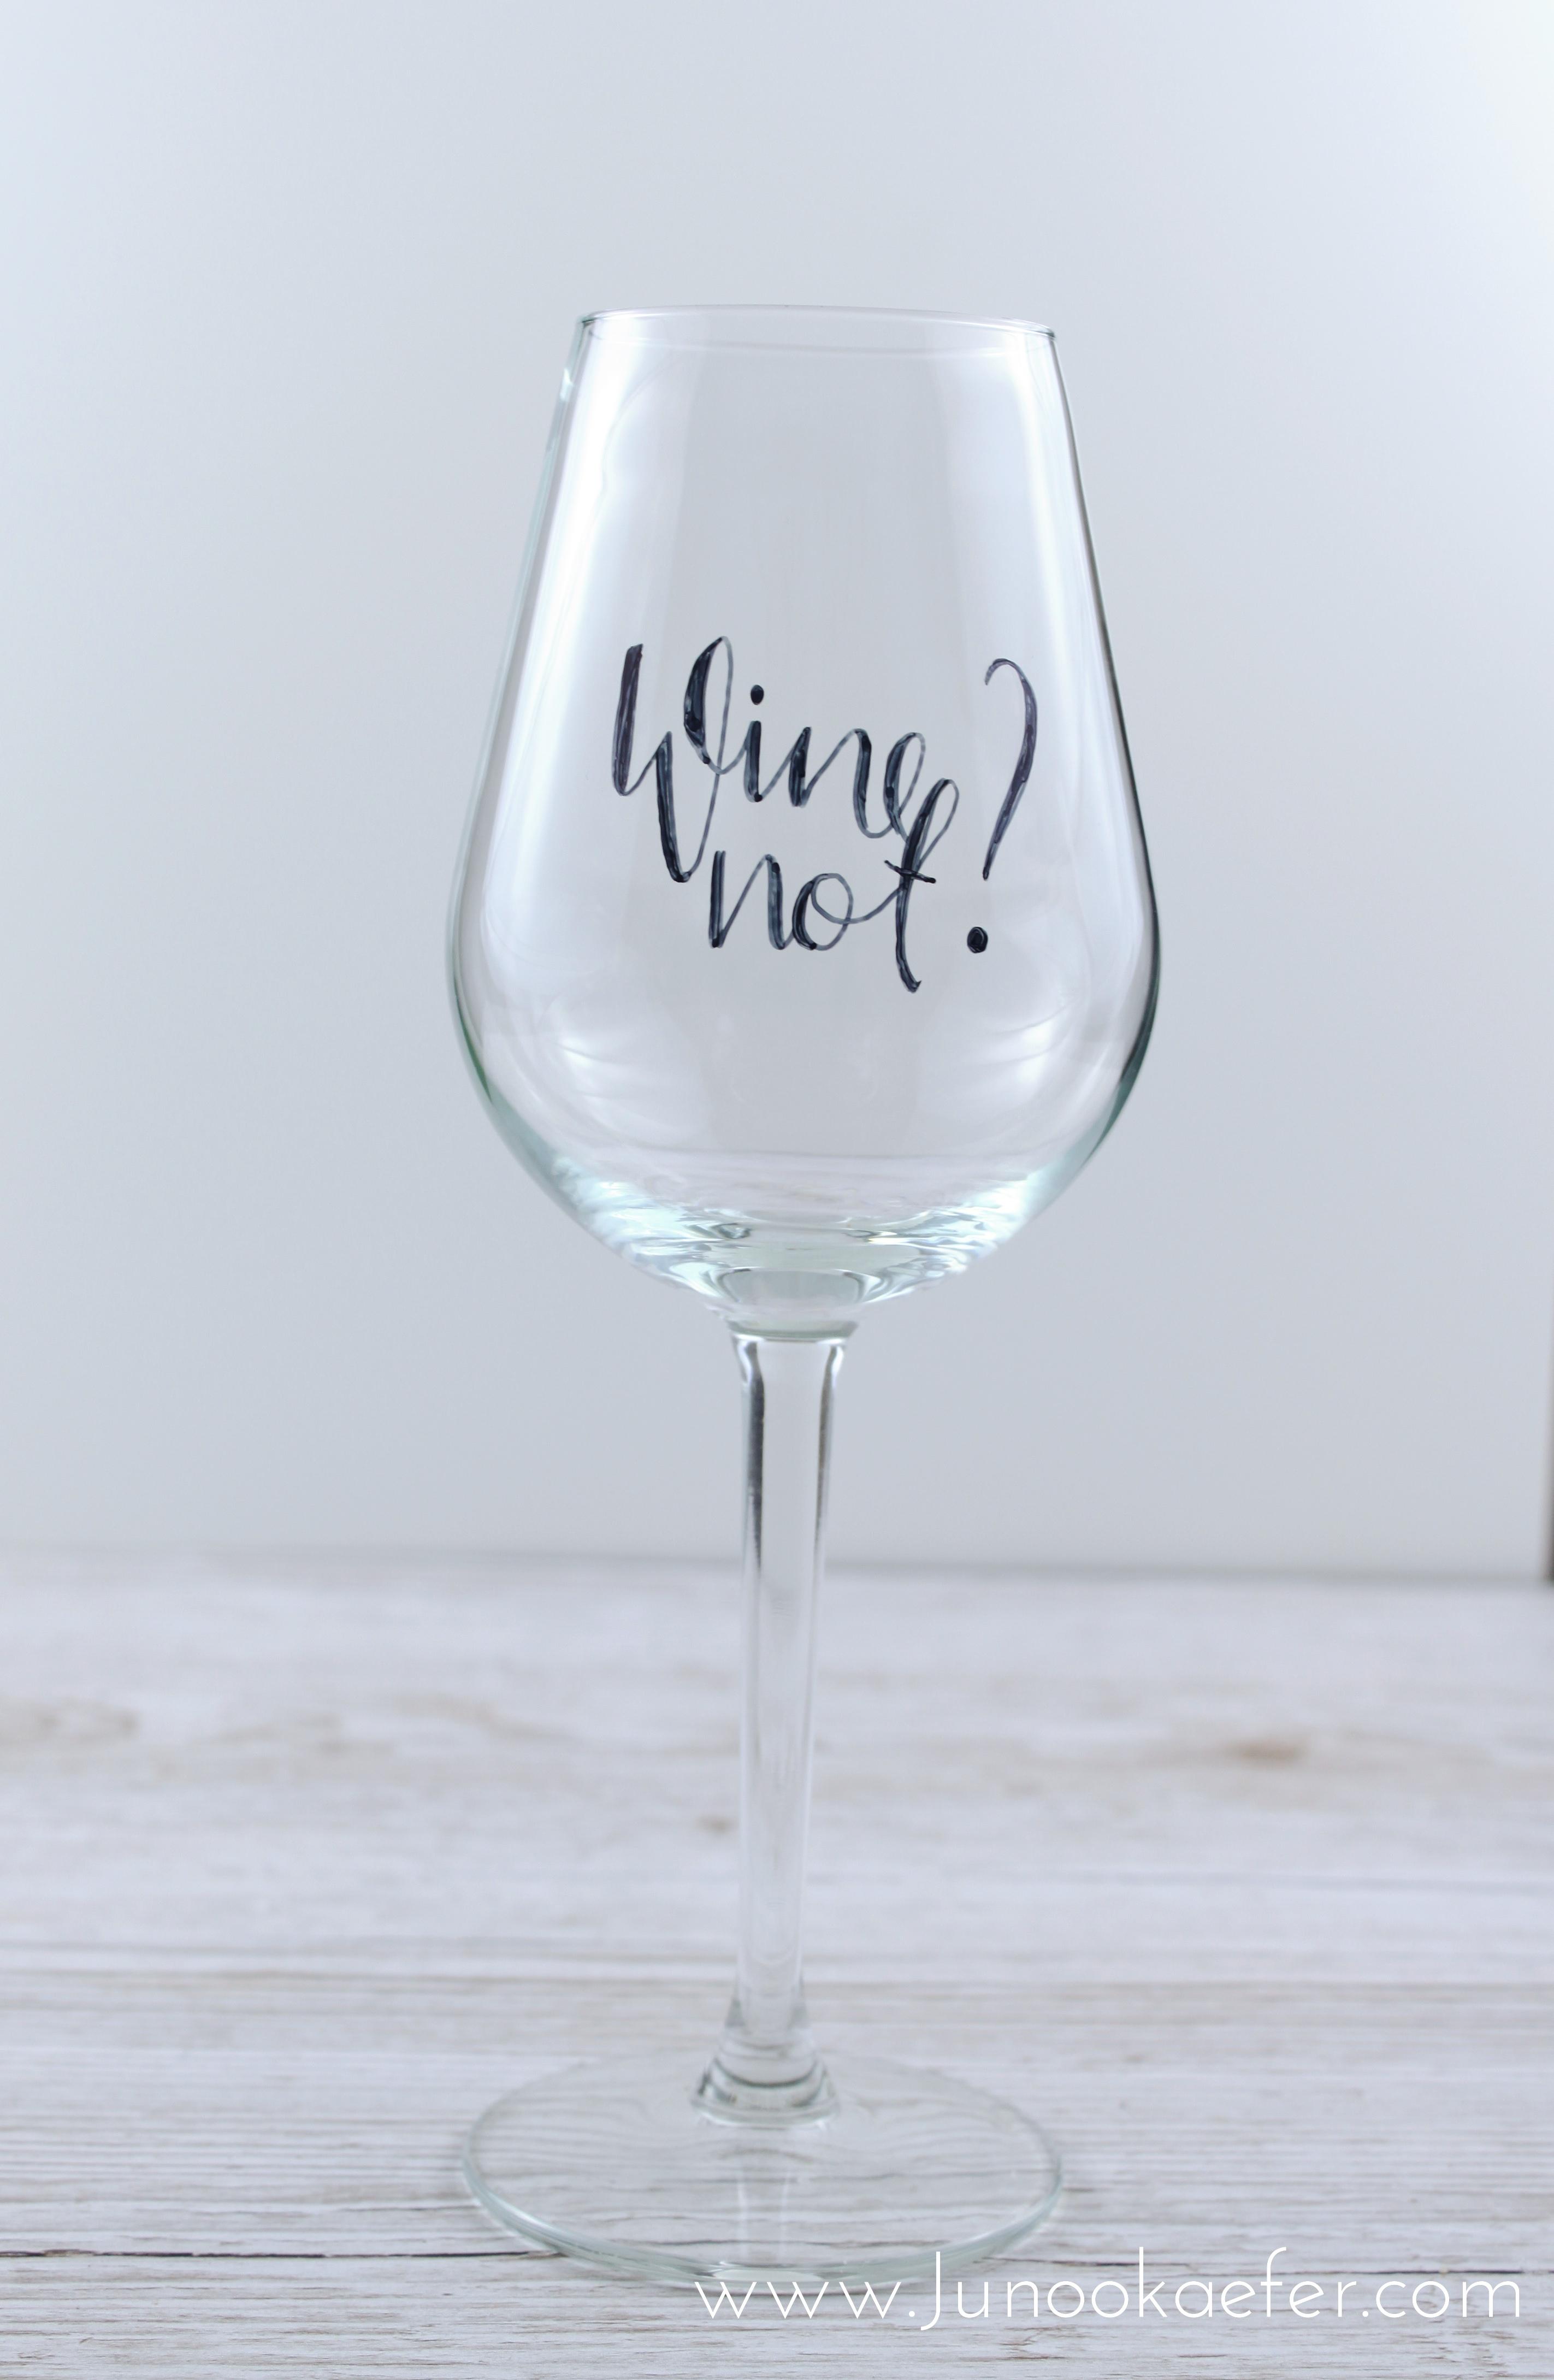 Weißweinglas mit Wine not? beschriftet